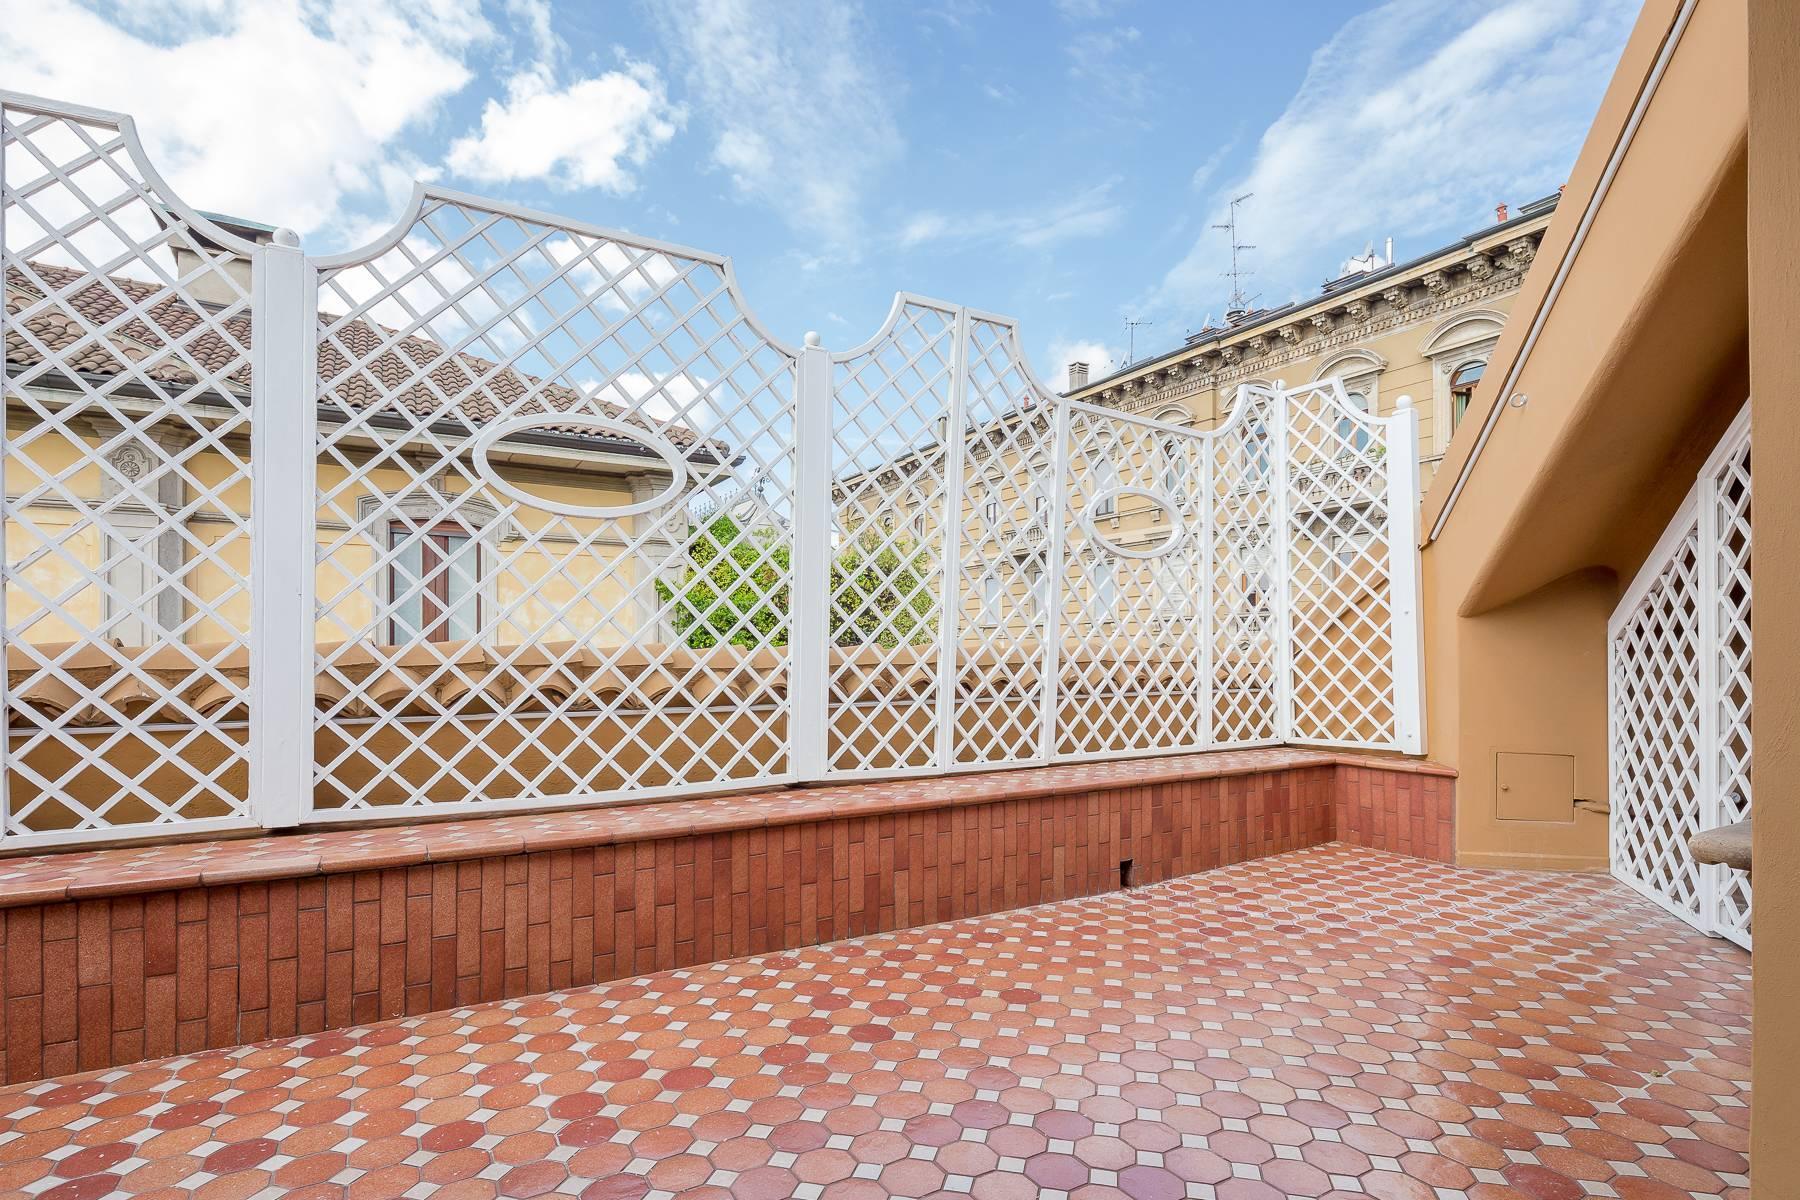 Top-floor apartment for rent in Via Tamburini - 17